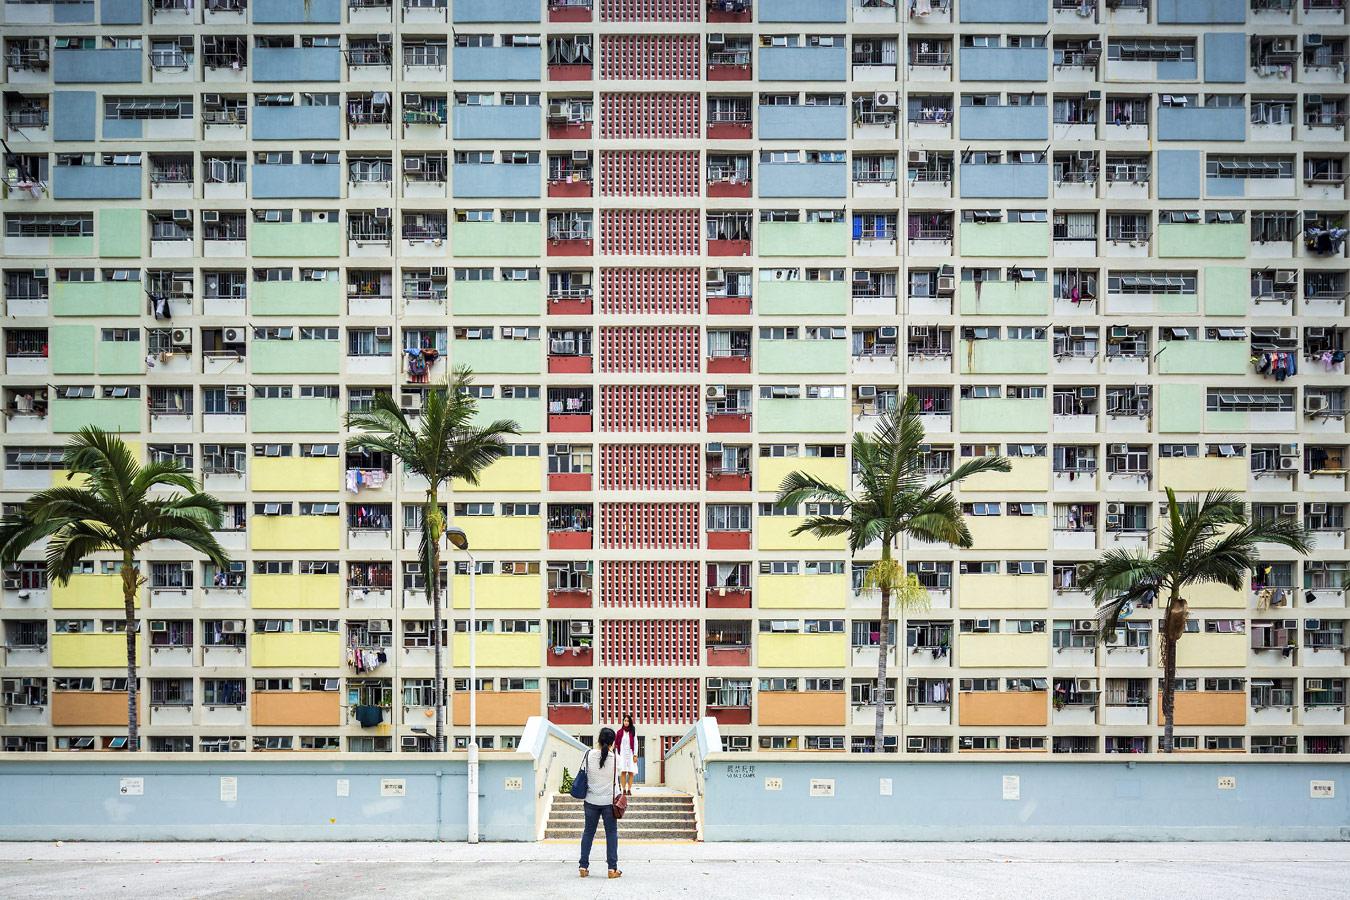 © Фабио Мантовани (Fabio Mantovani), Социальный дом Choi Hung Estate в Гонконге, Конкурс «Архитектурная фотография»